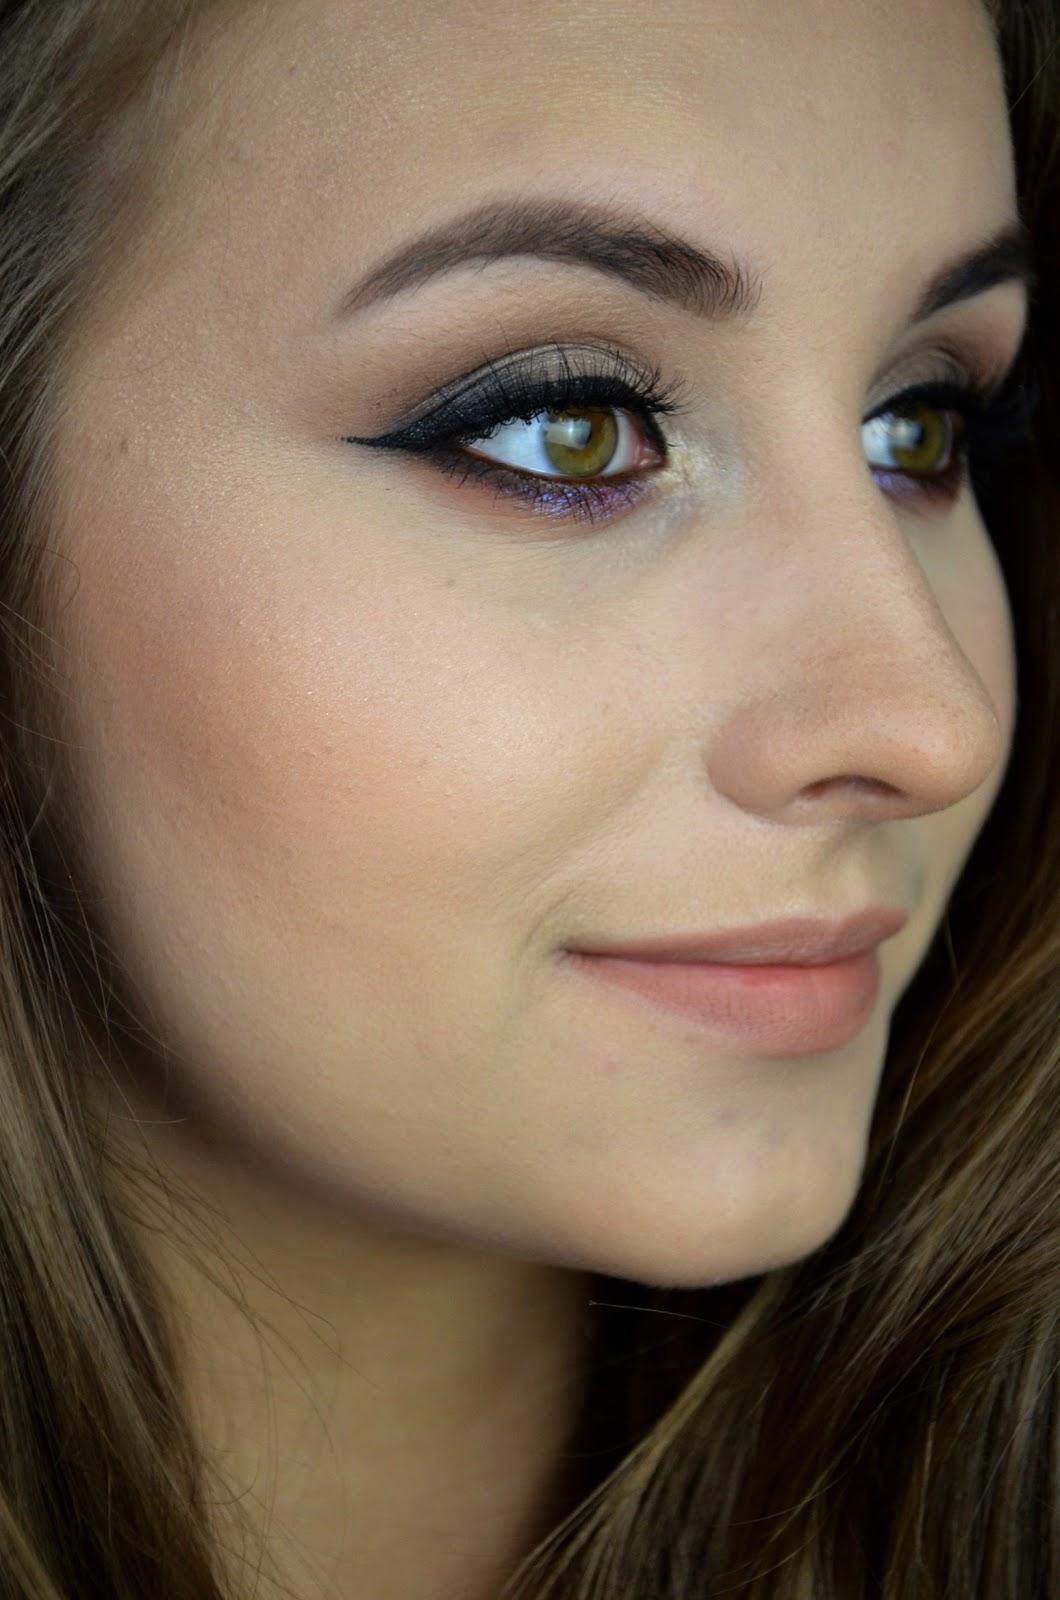 jak podkreślić zielone oczy za pomocą makijażu